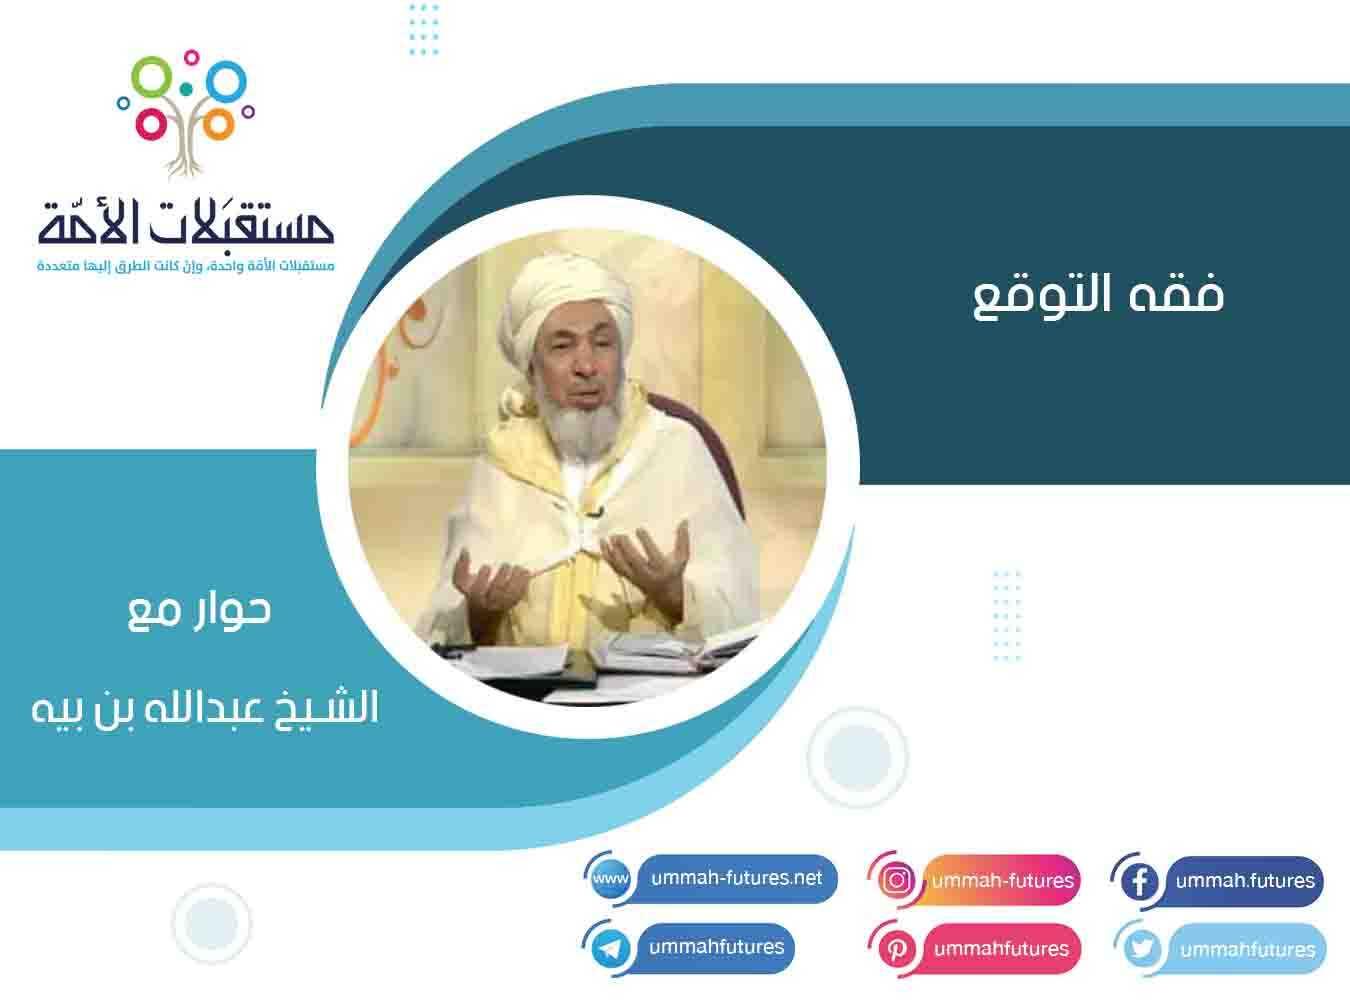 فقه التوقع | حوار مع الشيخ عبدالله بن بيه